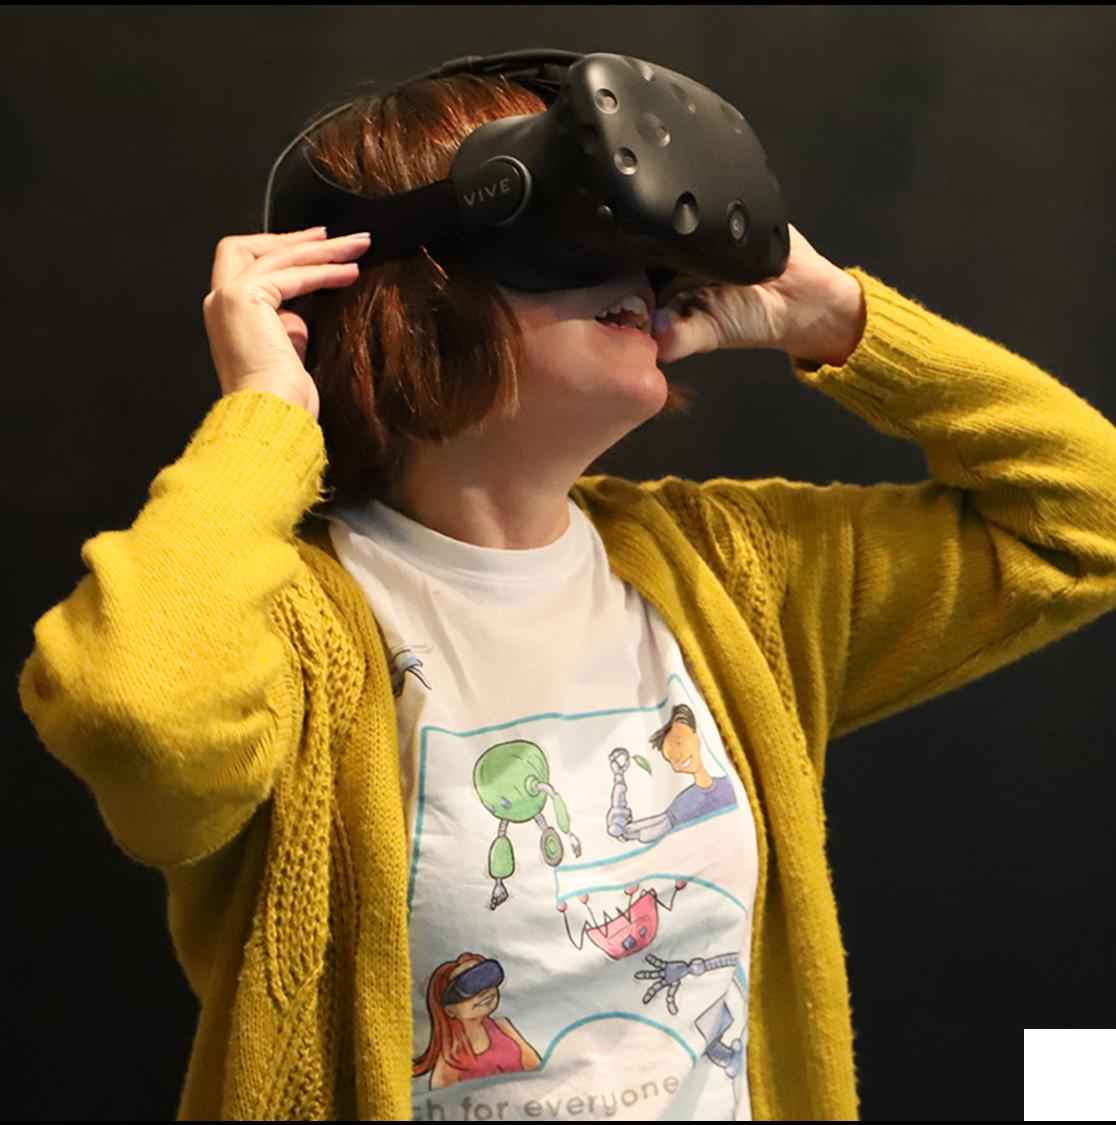 The VR CAVE @ Corsham Institute -